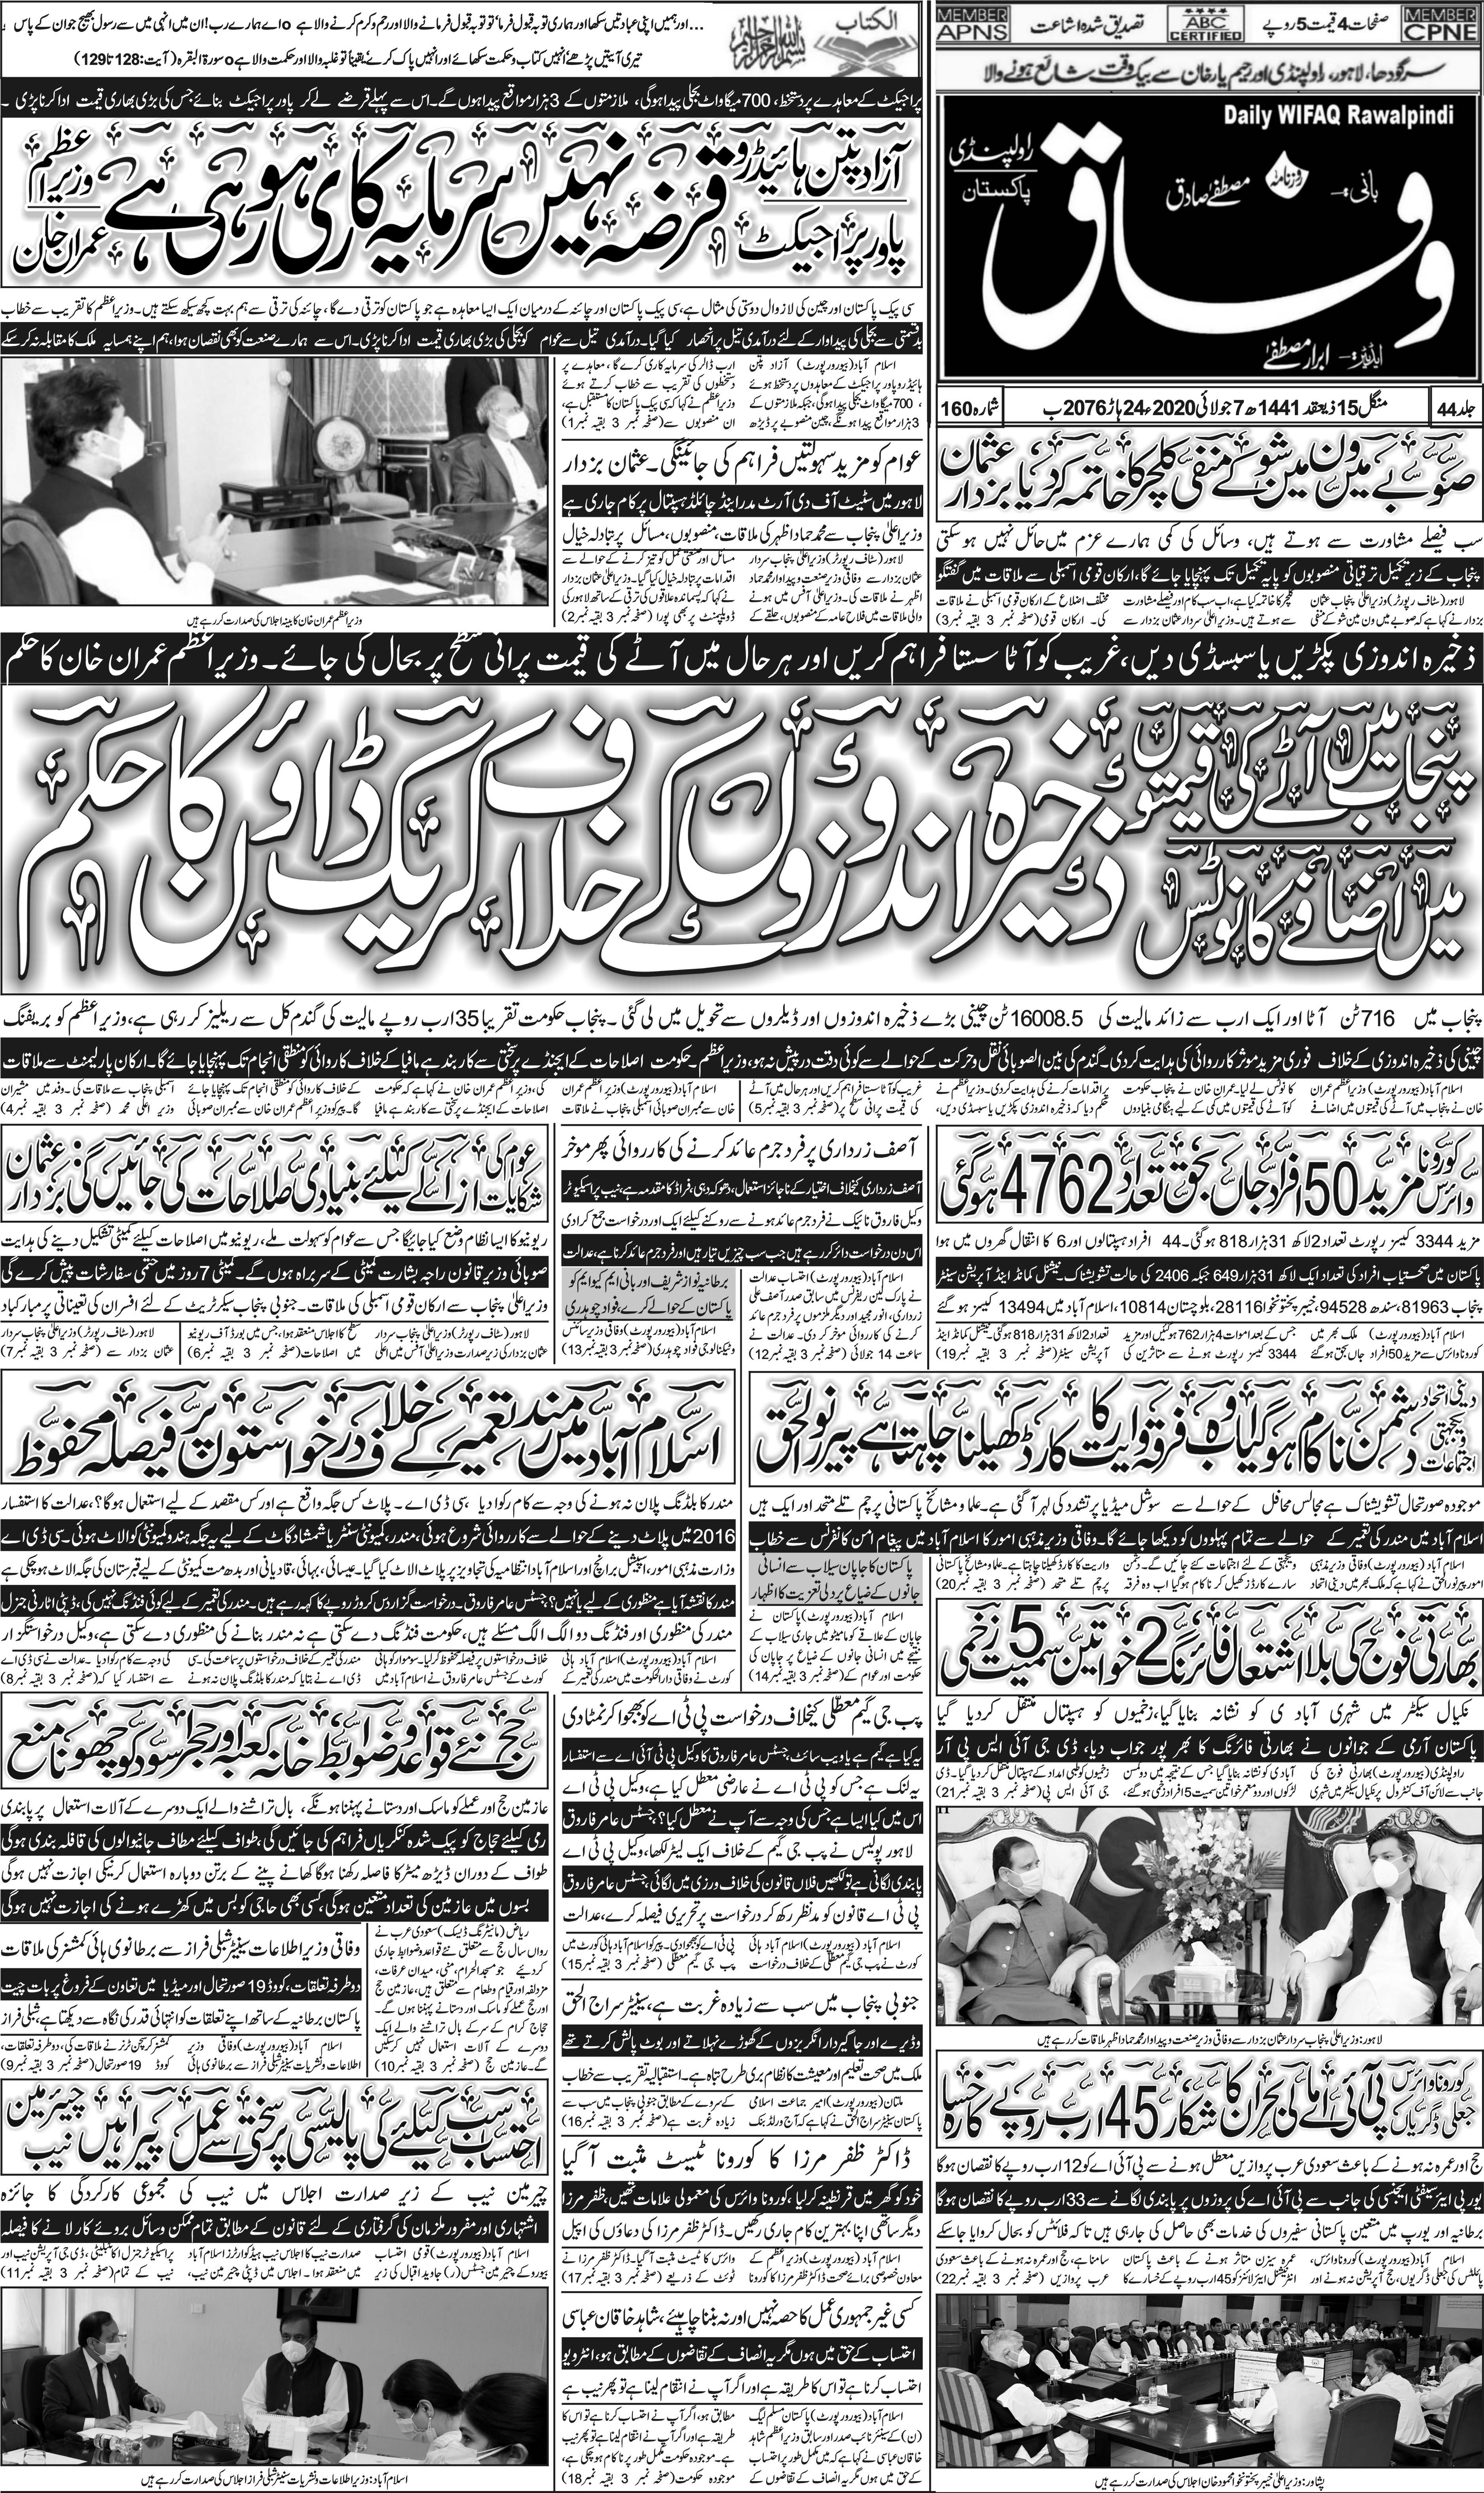 e-Paper – Daily Wifaq – Rawalpindi – 07-07-2020